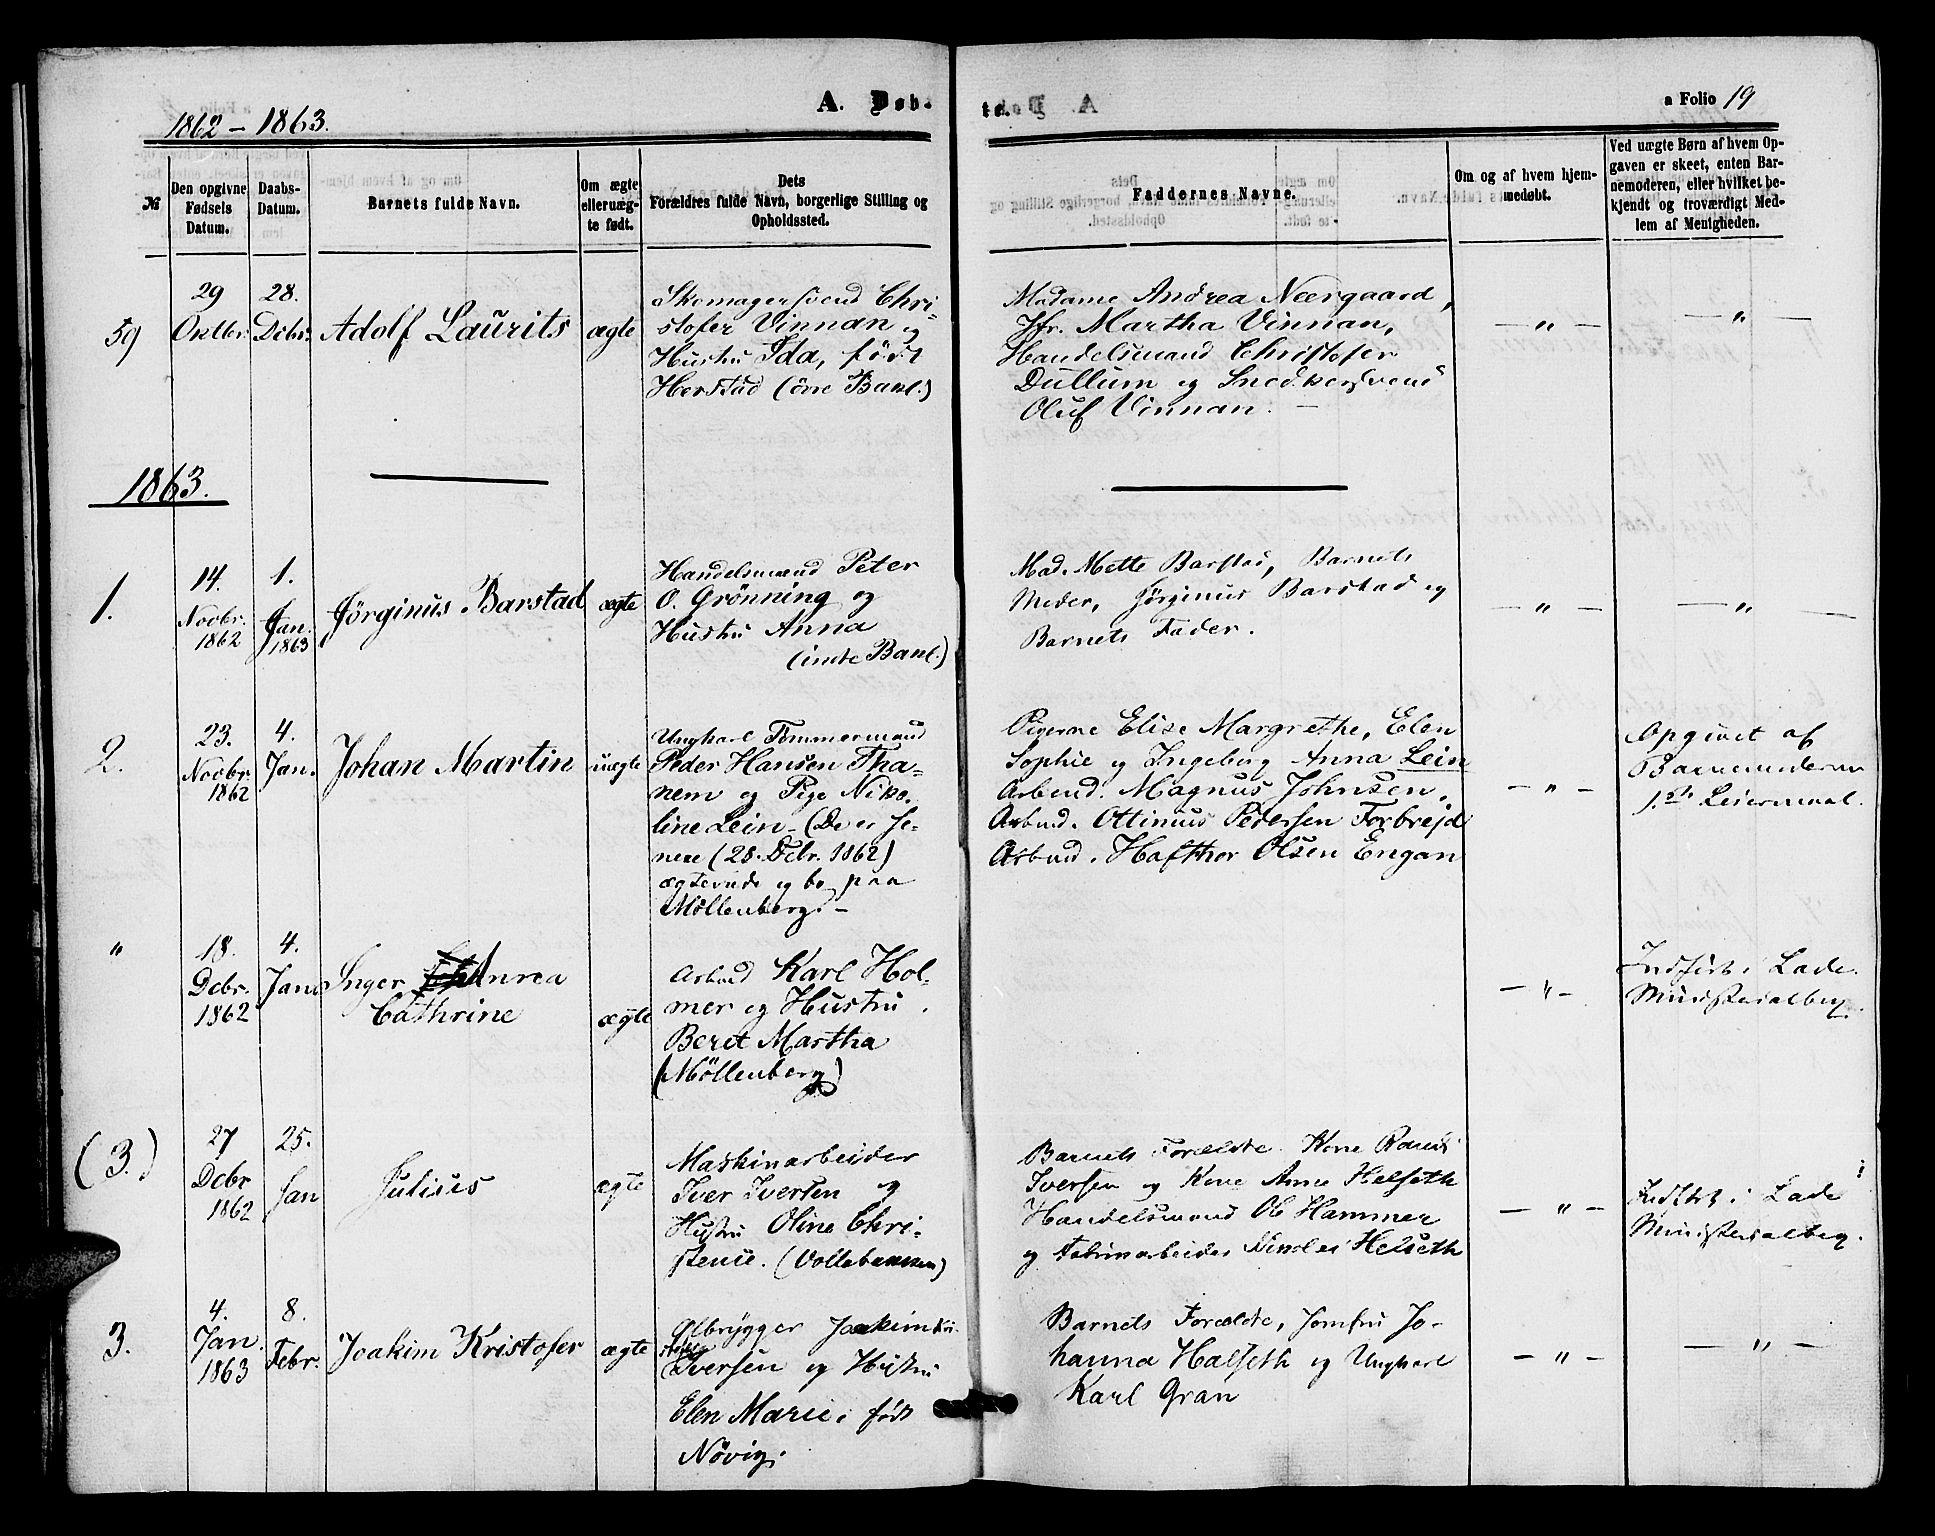 SAT, Ministerialprotokoller, klokkerbøker og fødselsregistre - Sør-Trøndelag, 604/L0185: Ministerialbok nr. 604A06, 1861-1865, s. 19